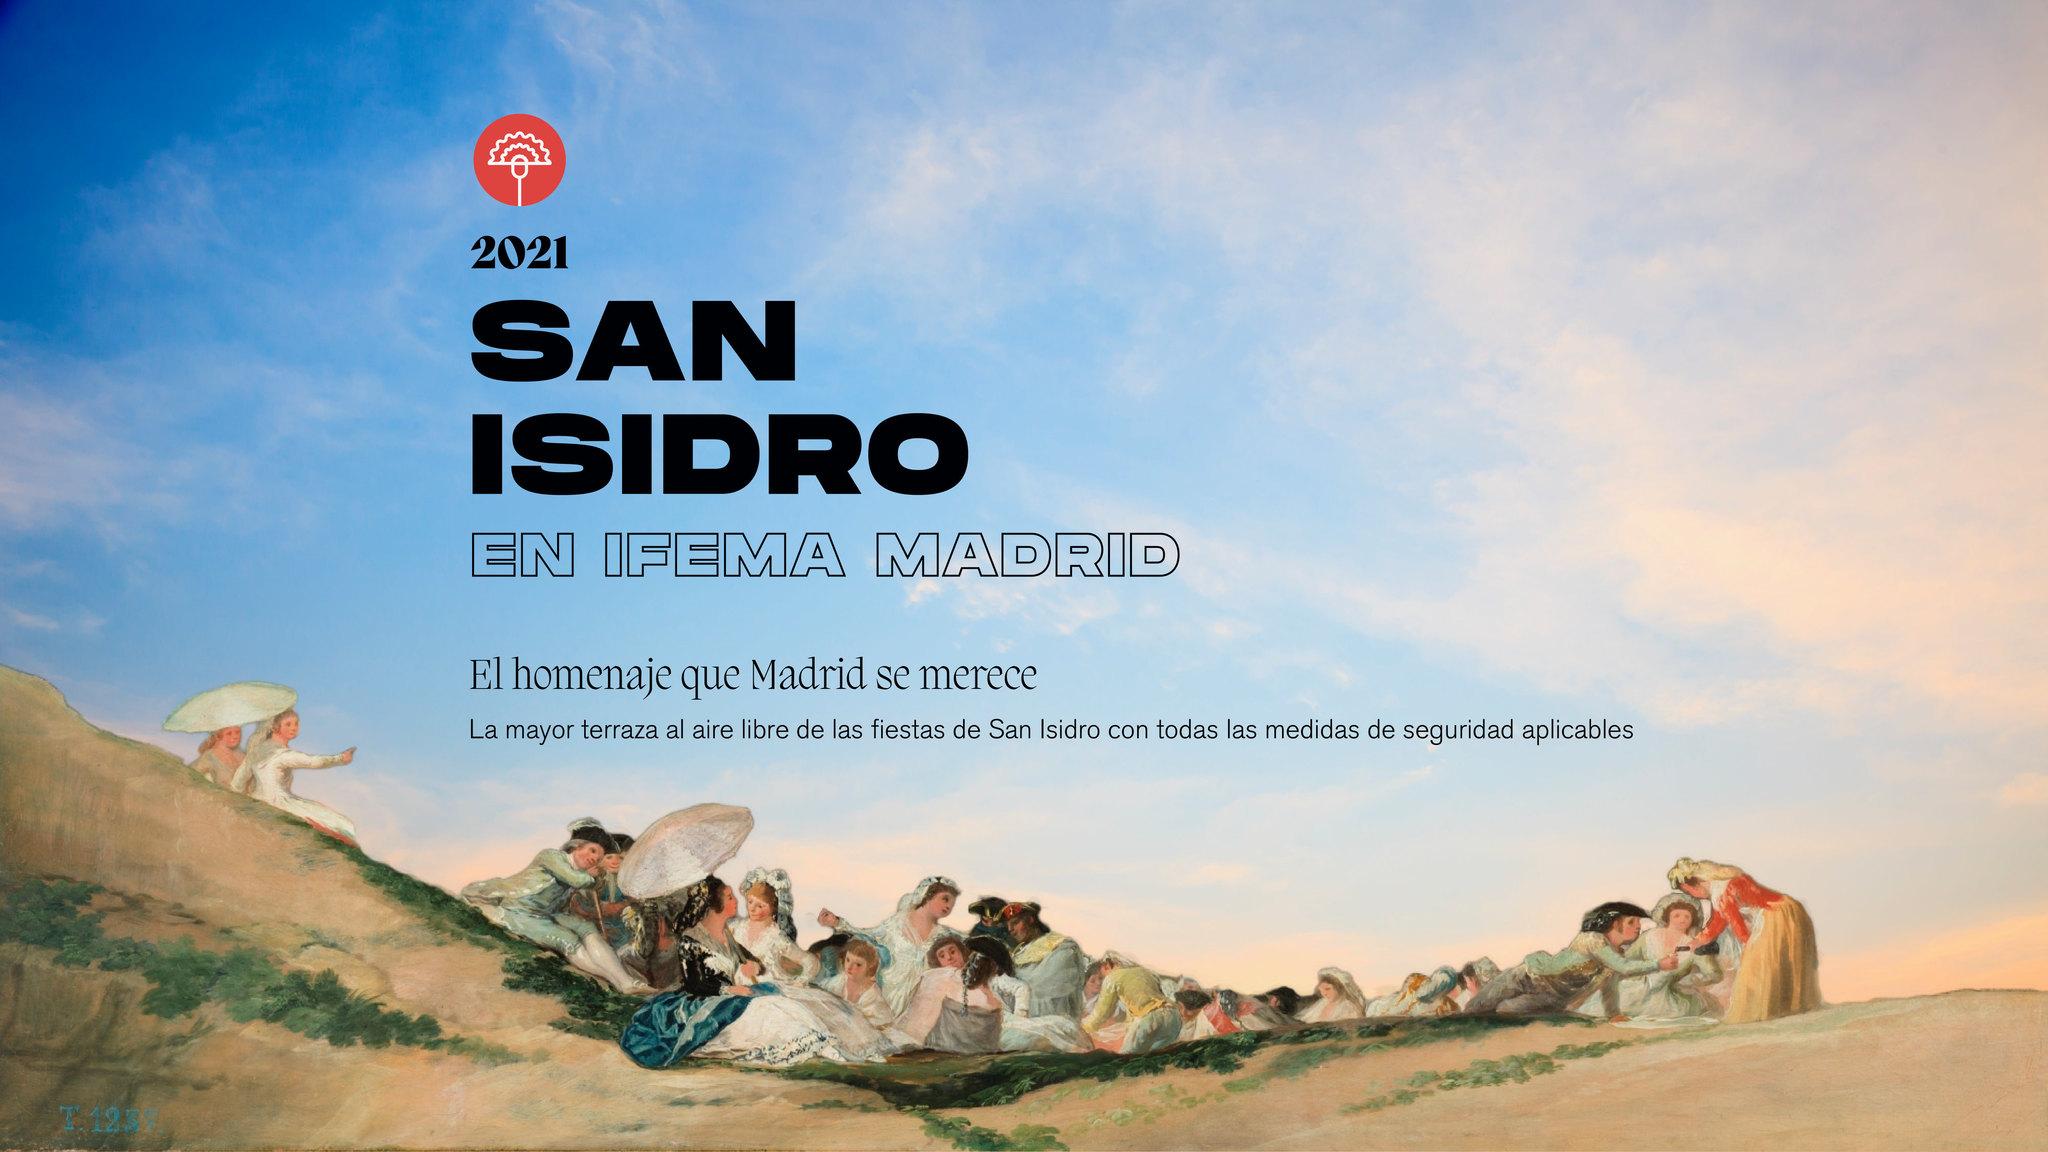 Cartel promocional de las fiestas madrileñas de San Isidro 2021.